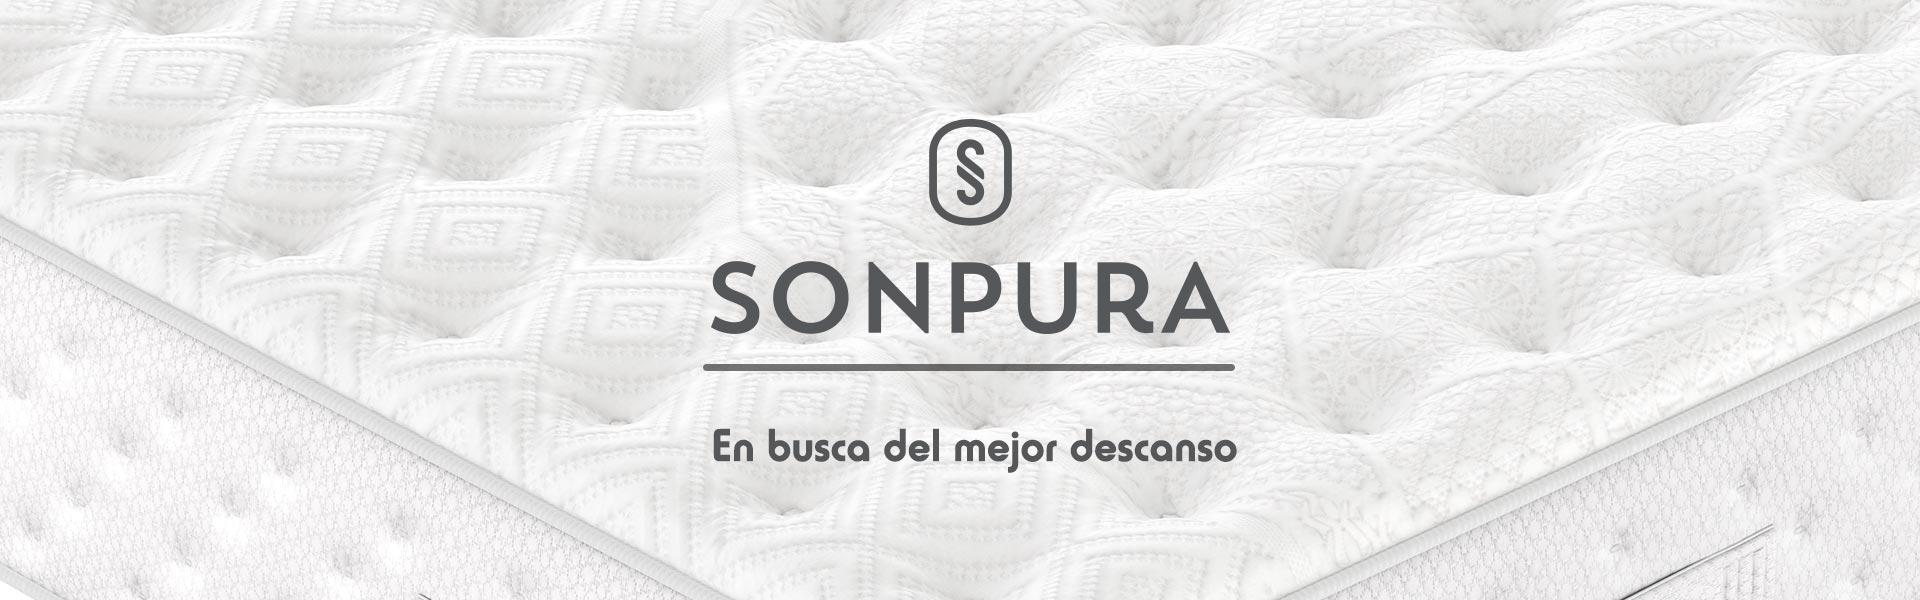 Sonpura2